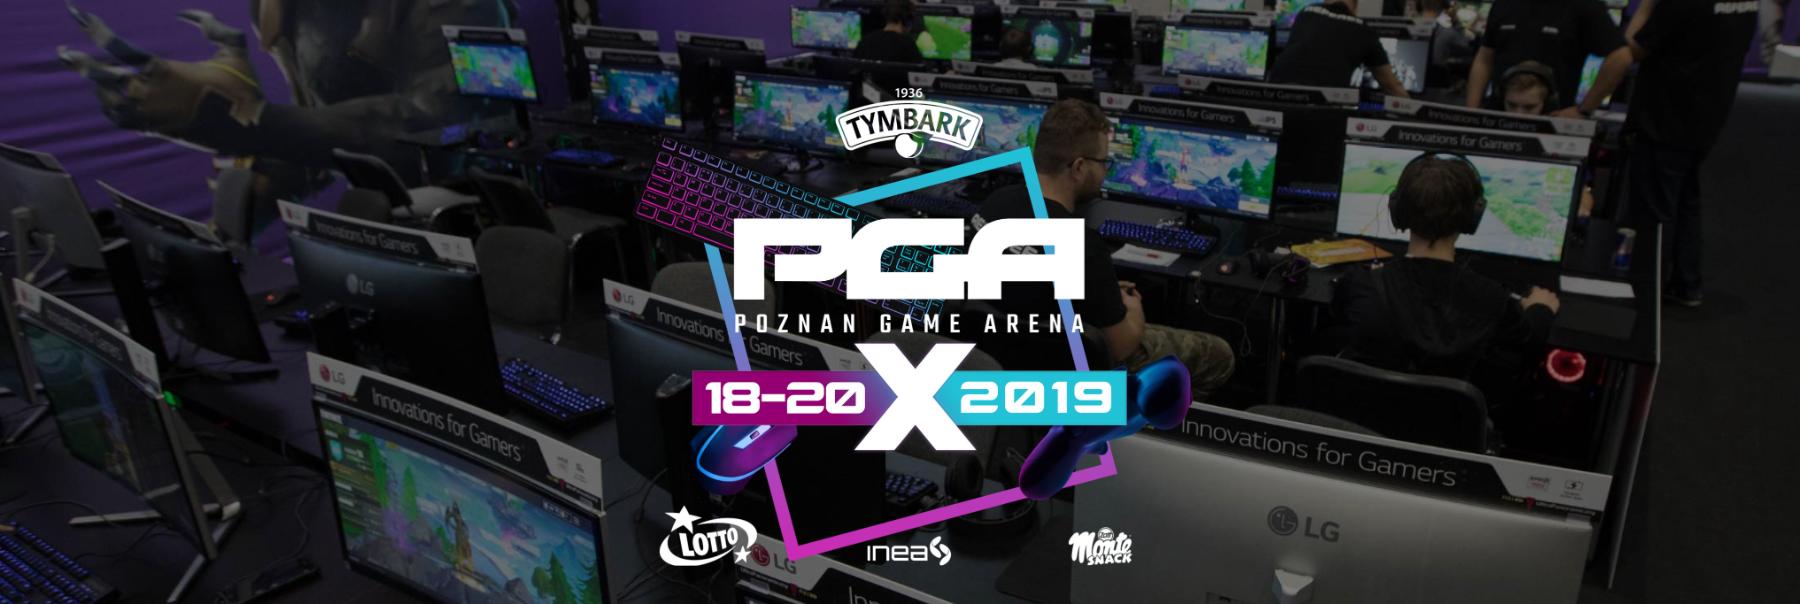 PGA 2019 - co warto zobaczyć na trwających targach Poznań Game Arena?